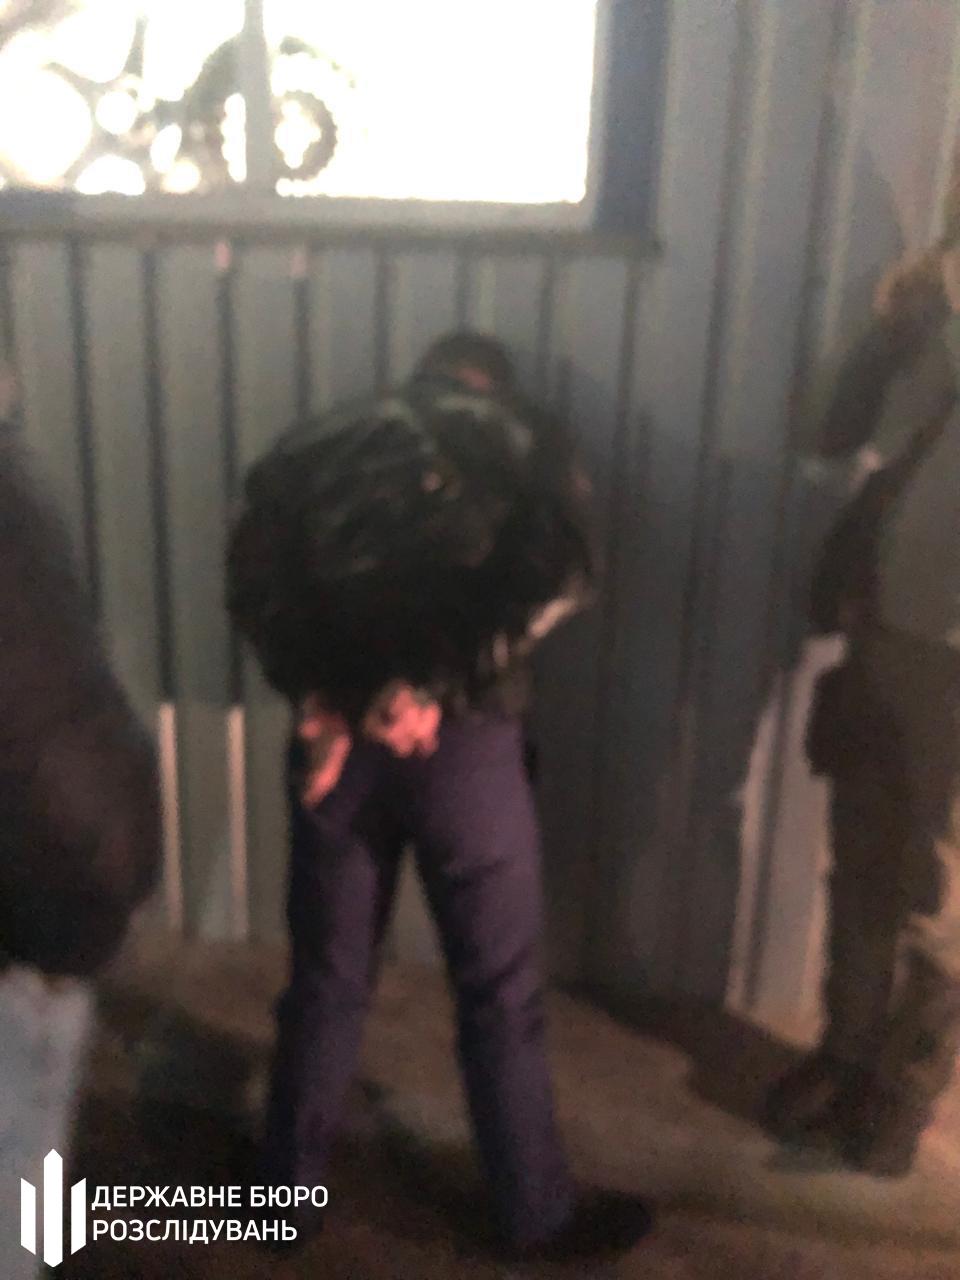 Слідчі ДБР затримали працівника головного управління поліції Київщини, який вимагав 3000 доларів за повернення вантажівки - хабар, СБУ, Поліція, київщина, Державне бюро розслідувань, ГУ НП у Київській області, Генеральна прокуратура - Habar vant 0